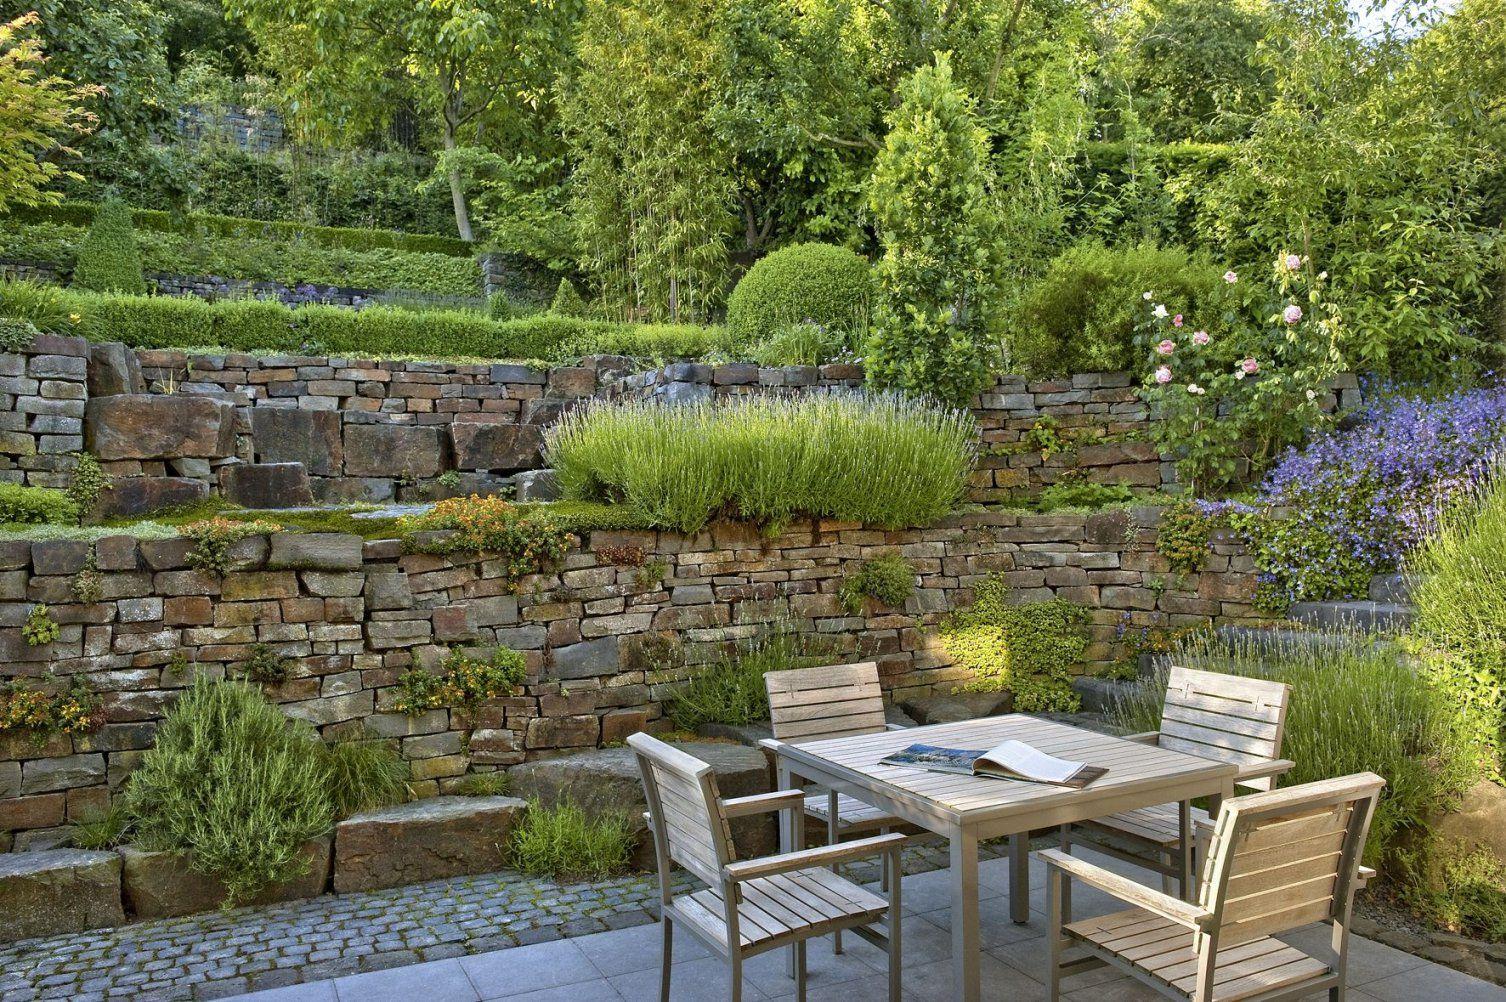 Garten trennw nde holz design von garten sichtschutz holz for Schoner wohnen jugendzimmer